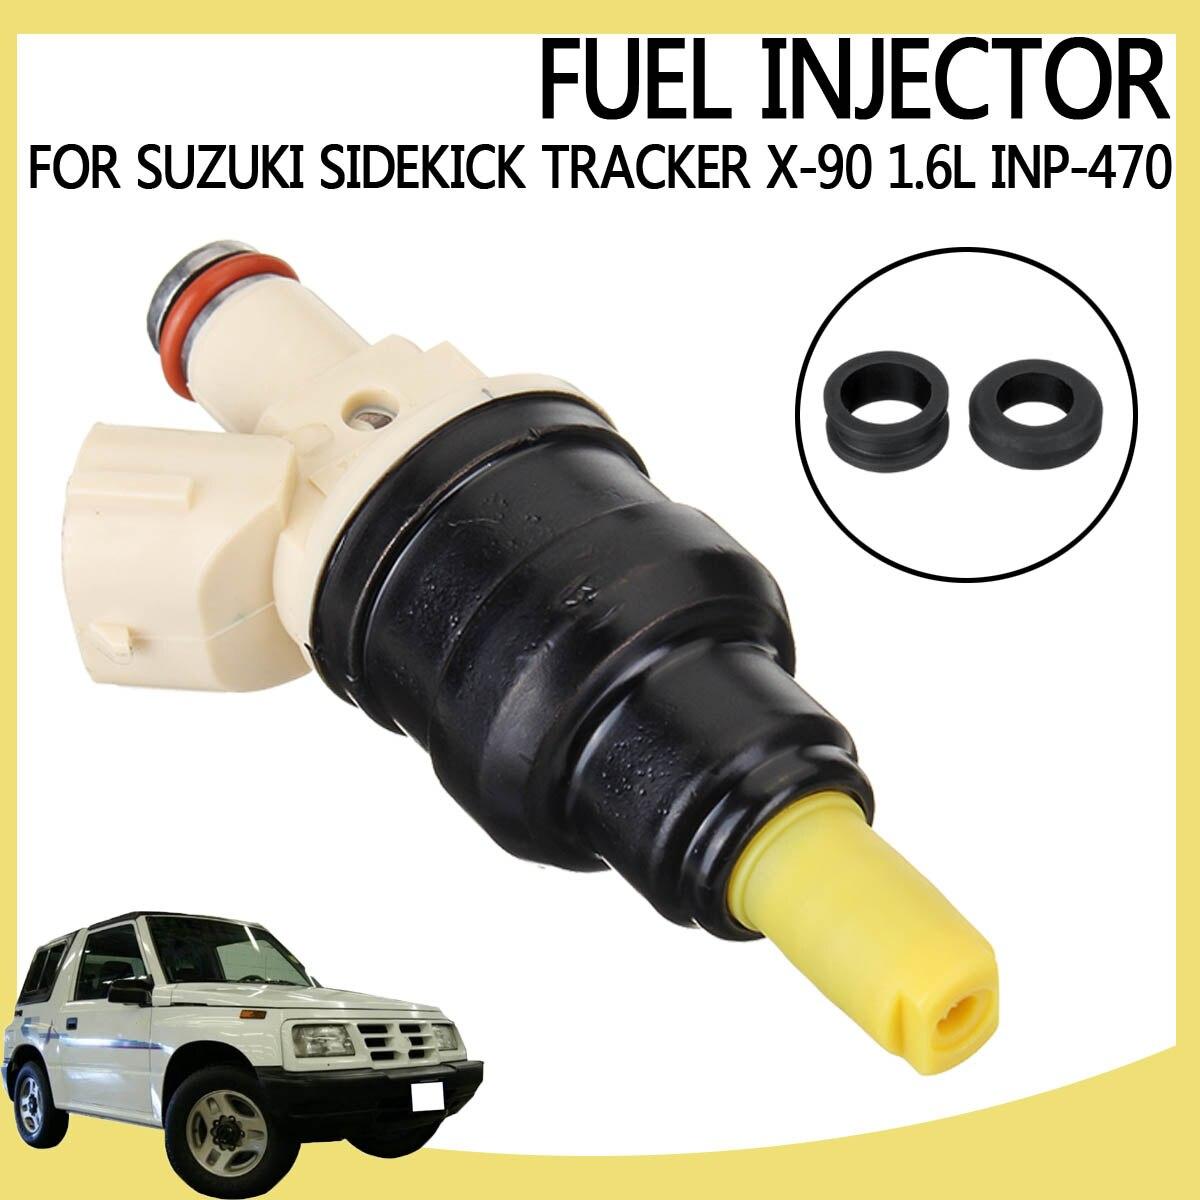 4x New Upgraded Fuel Injectors For Suzuki Sidekick Tracker X-90 1.6L INP-470